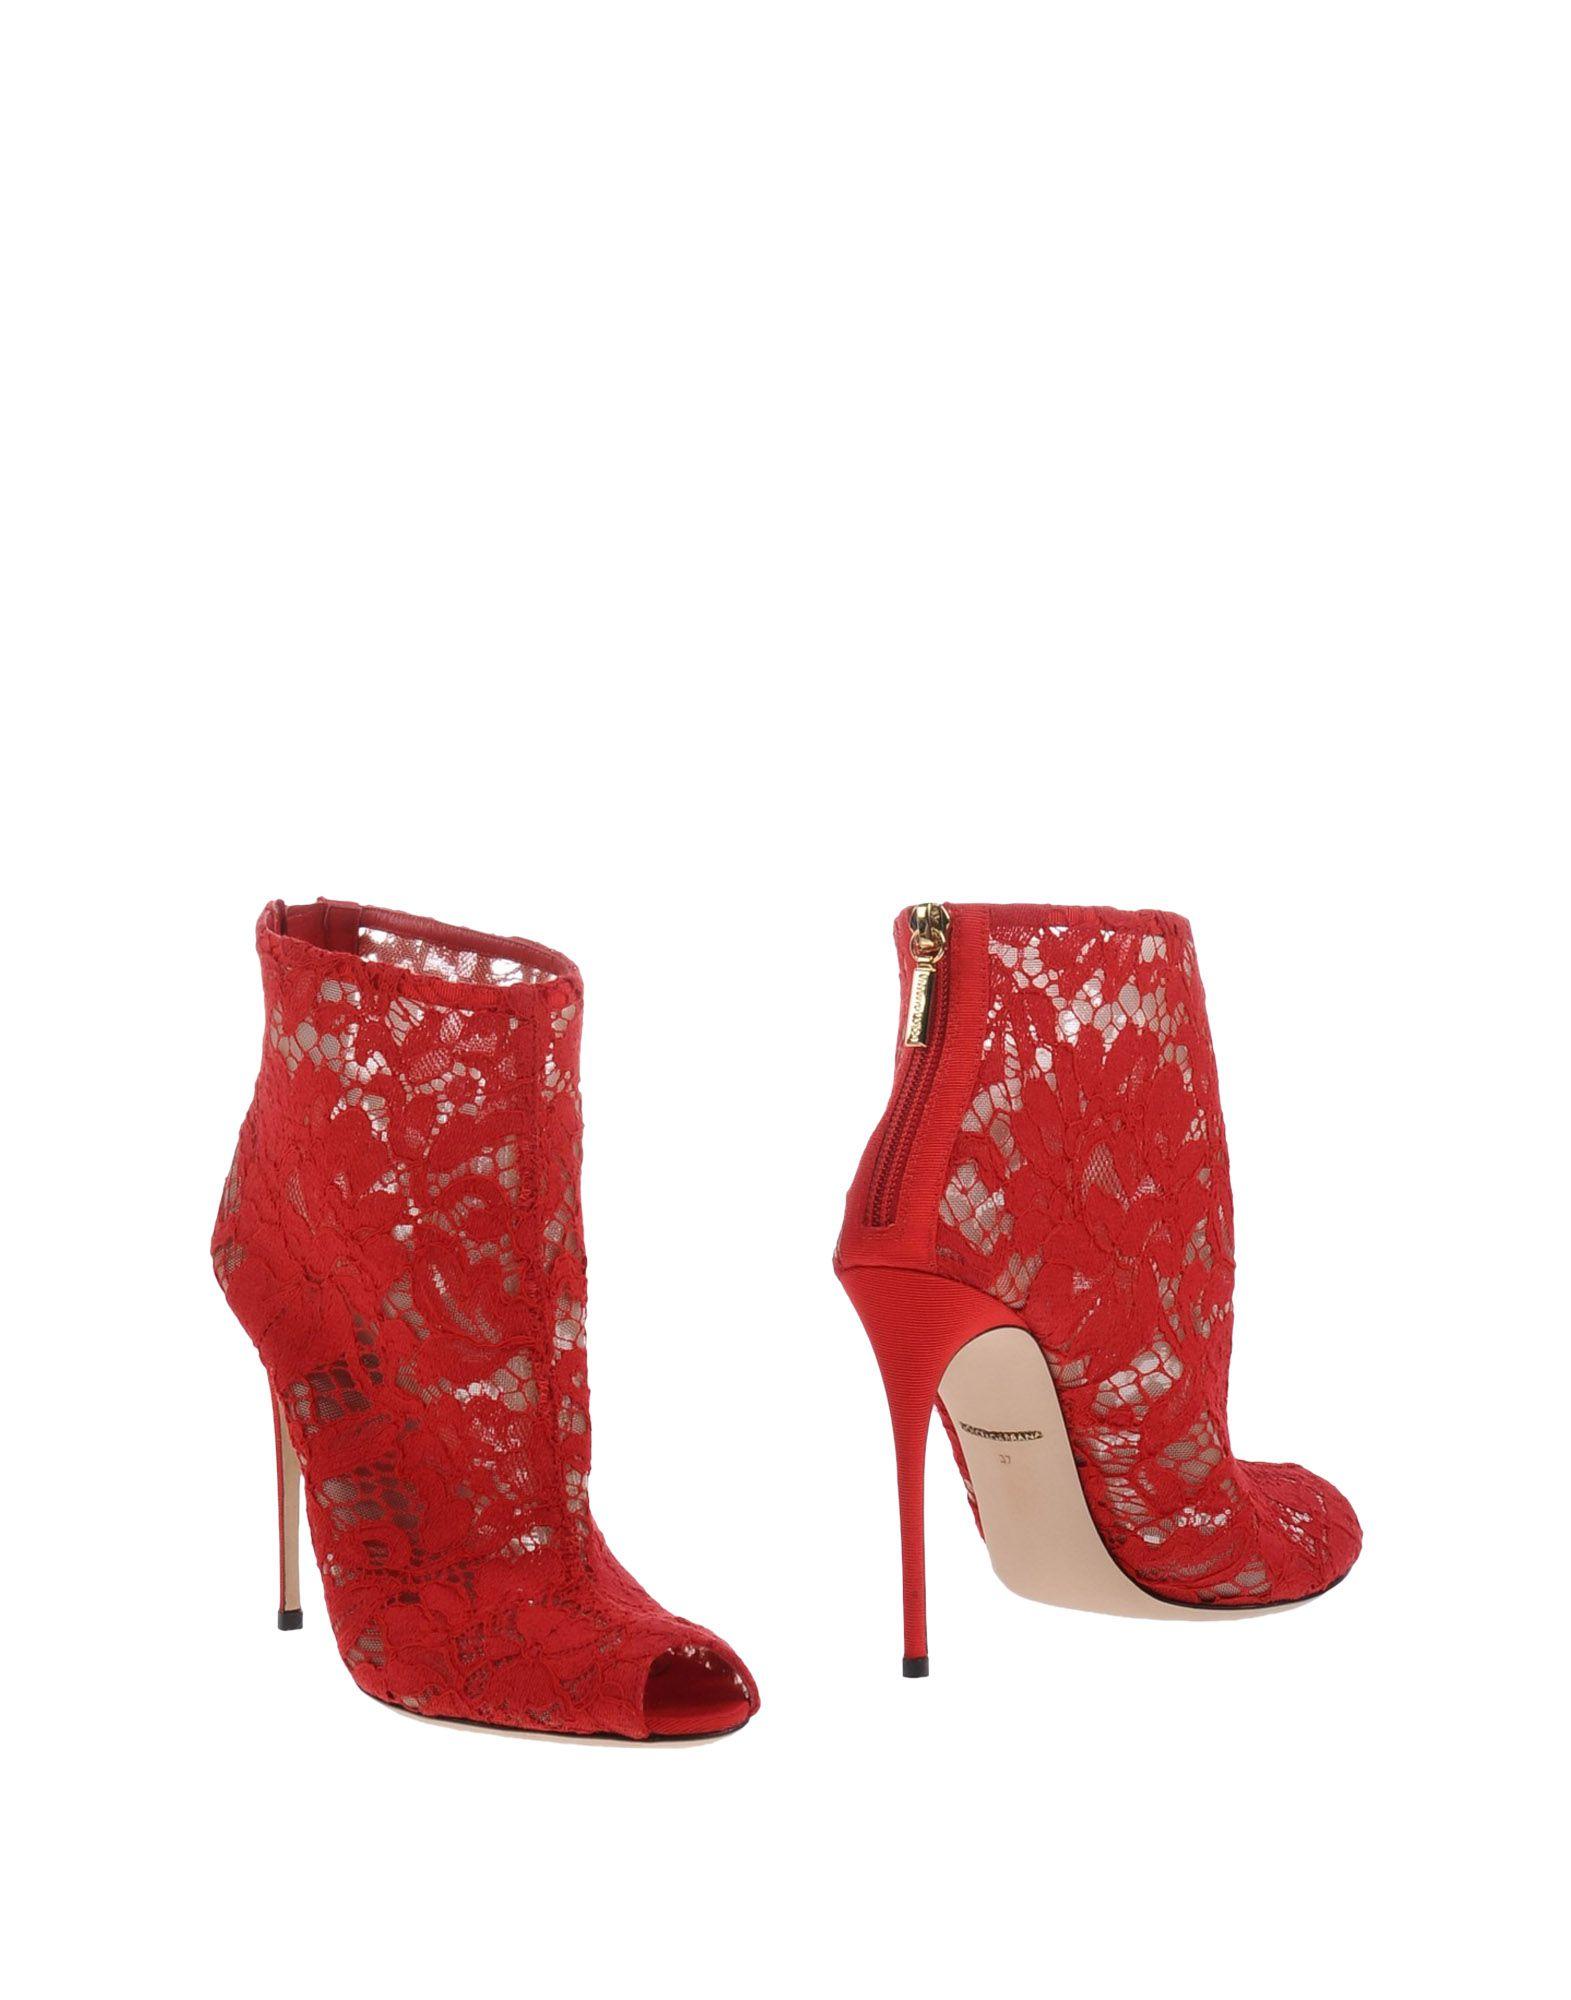 DOLCE & GABBANA Полусапоги и высокие ботинки плейбой бренд осенью открытый скалолазания и пешие прогулки досуга для дыхания и водонепроницаемым мужские ботинки